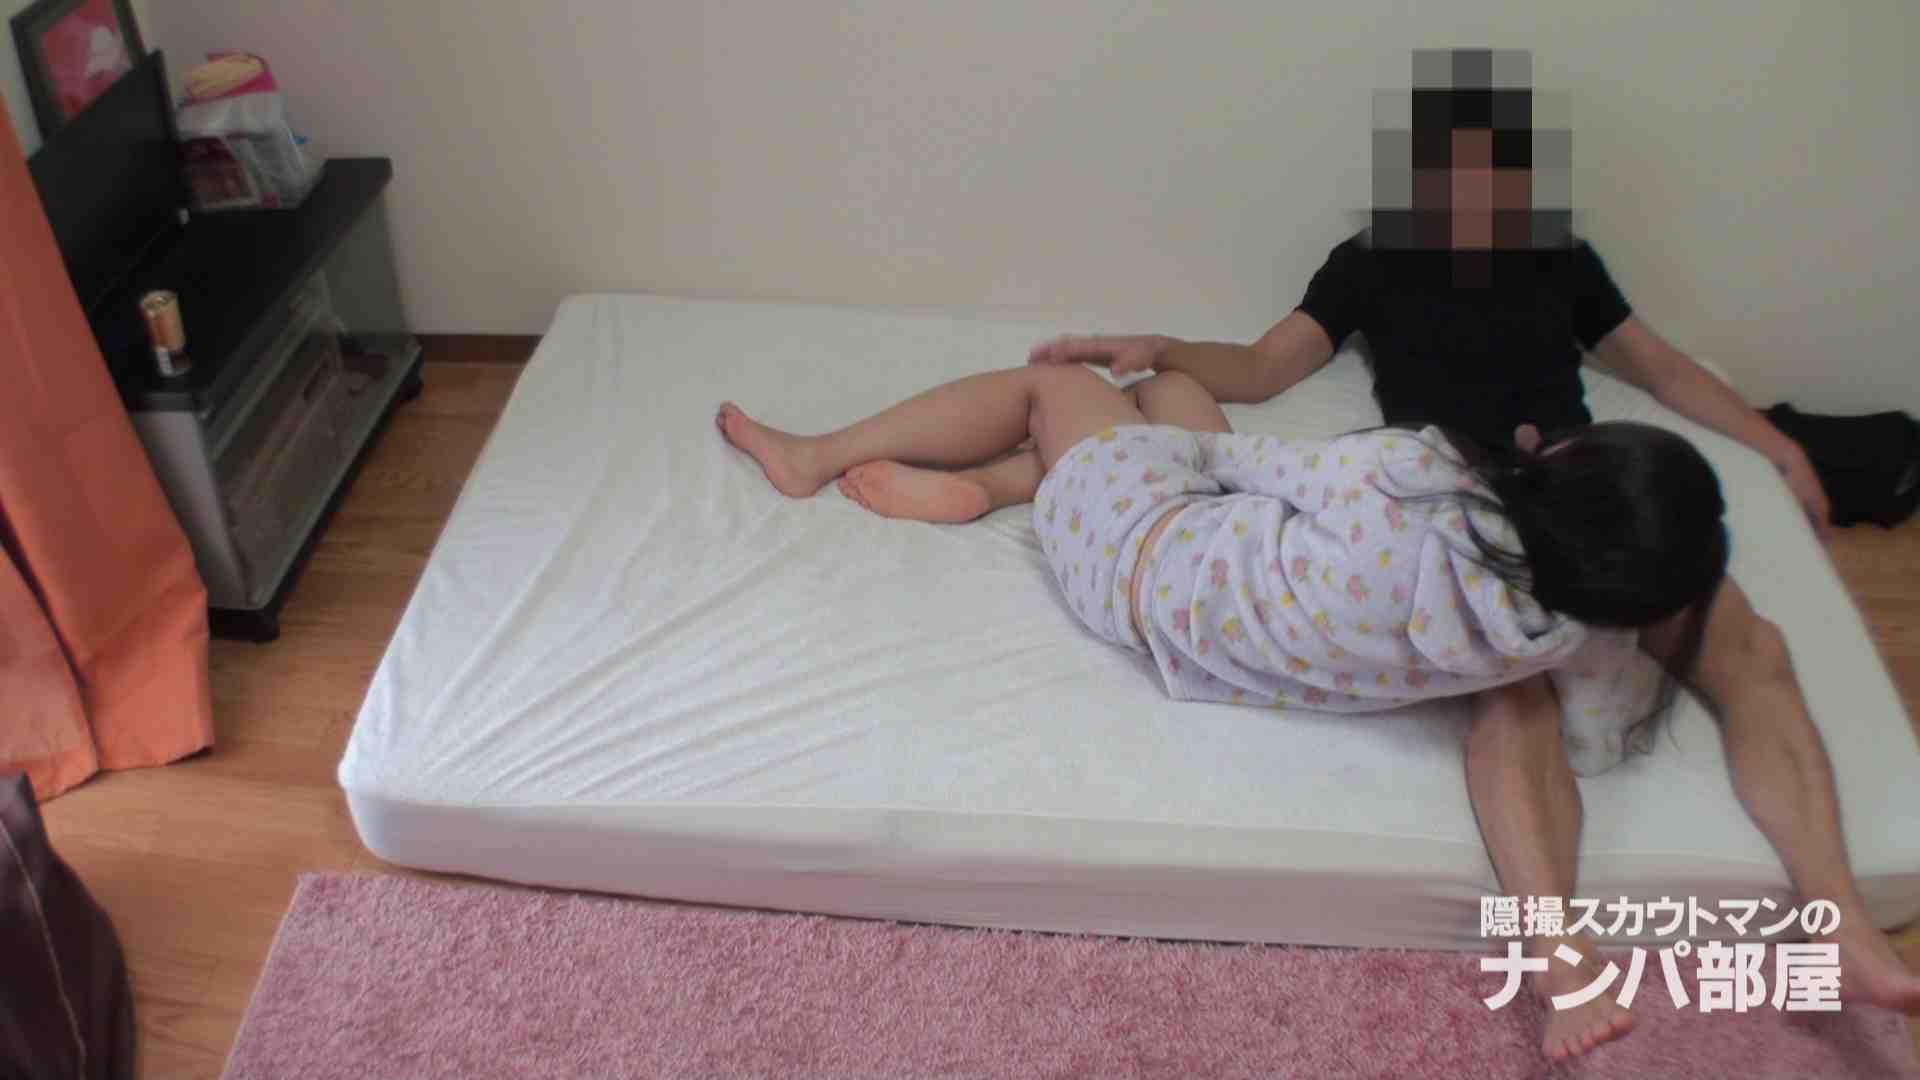 隠撮スカウトマンのナンパ部屋~風俗デビュー前のつまみ食い~hanavol.3 SEX 戯れ無修正画像 100pic 73